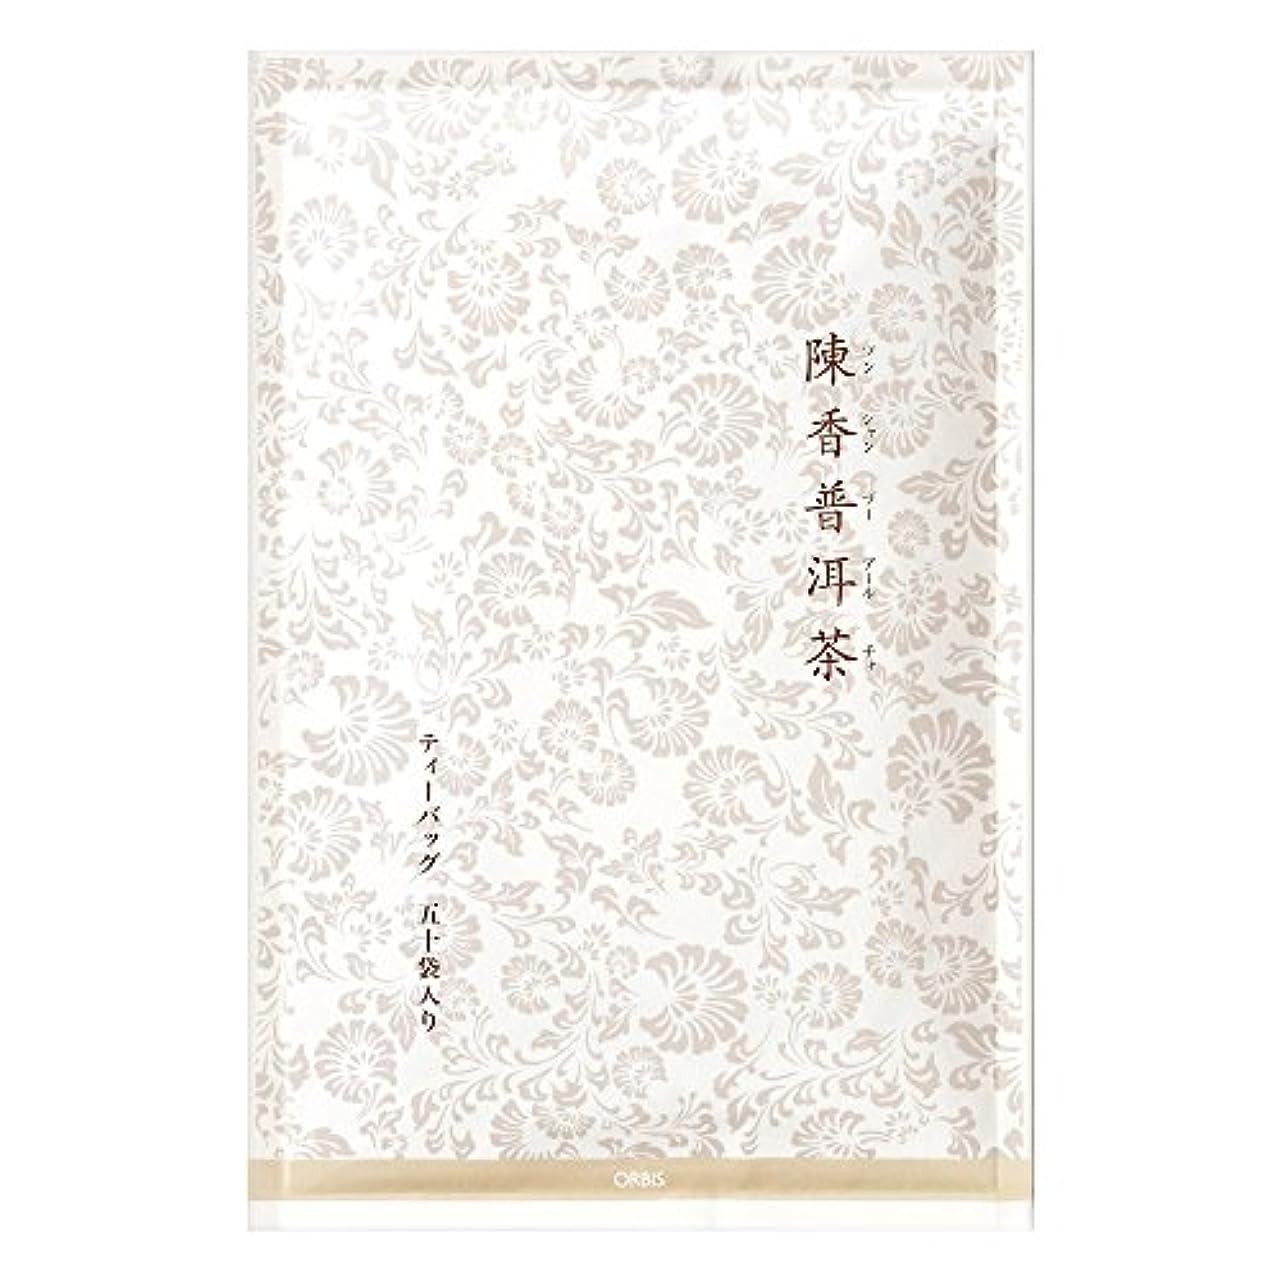 ムスタフ期待するオルビス(ORBIS) 陳香プーアール茶 ティーバッグ 徳用 2g×50袋 ◎ダイエット茶◎ 0kcal